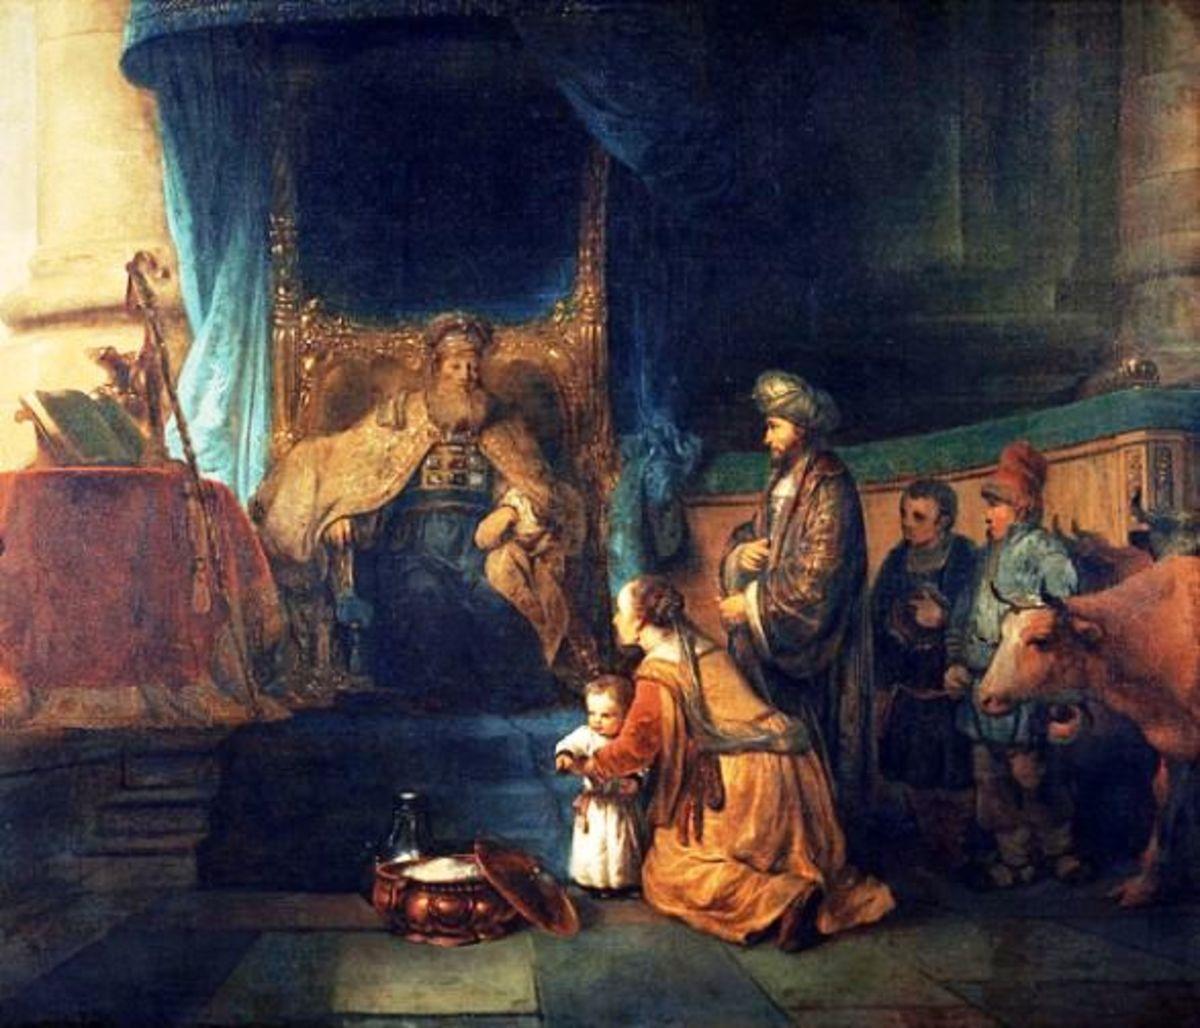 Painting by Gerbrand van den Eeckhout